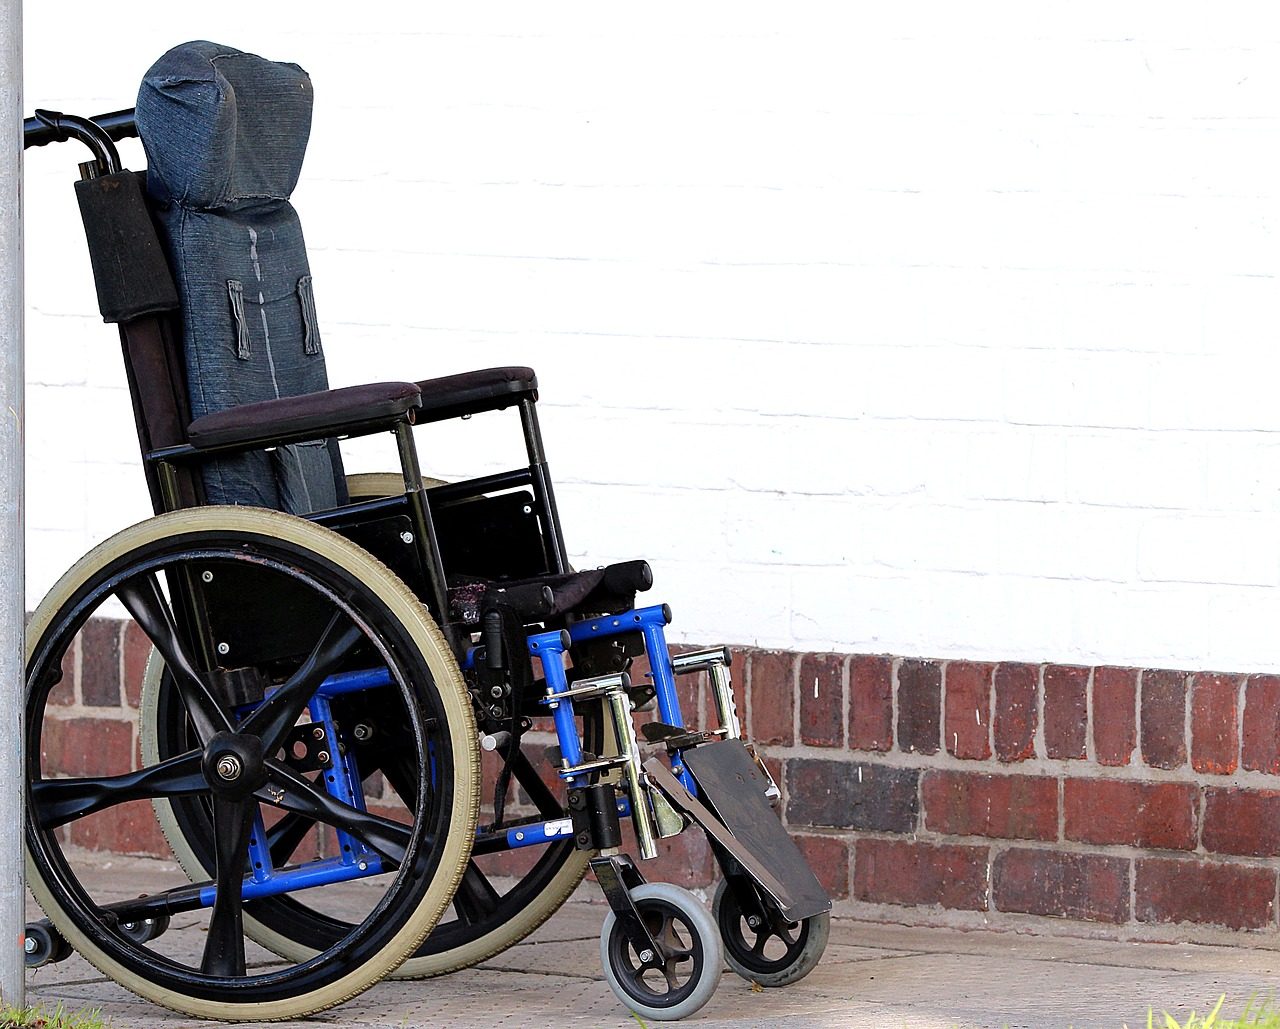 Seniorengerechte Hilfsmittel sogren für Mobiliät im Alter